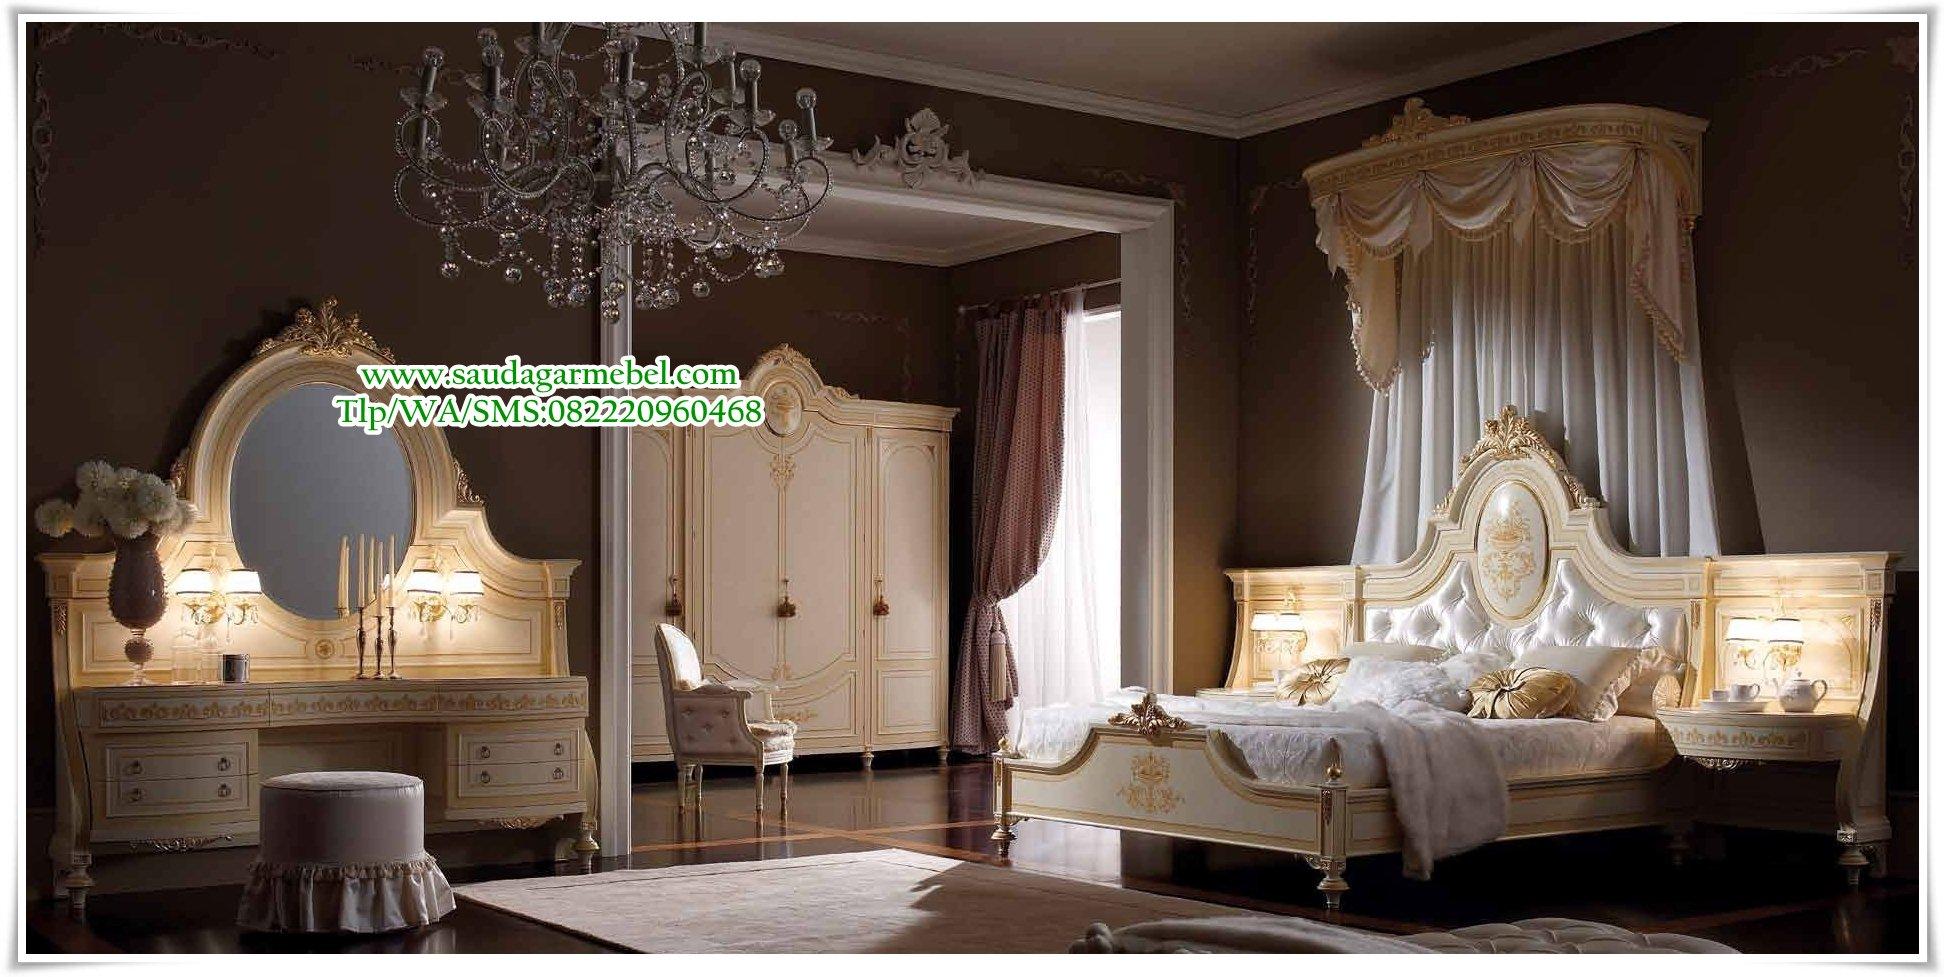 kamar set mewah klasik mobilpiu terbaru, tempat tidur mewah mobilpiu, Kamar Set Mewah Klasik Mobilpiu Terbaru, Tempat Tidur Mewah Terbaru, Gambar Tempat Tidur Modern Bagus, Tempat Tidur Jati, Desain Tempat Tidur Ukiran, Set Kamar Tidur, Tempat Tidur Dari Kayu, Tempat Tidur Minimalis, Tempat Tidur Kayu Minimalis, kamar set mewah Terbaru, set tempat tidur mewah , kamar klasik modern, desain kamar set modern, desain kamar set jepara, gambar tempat tidur minimalis terbaru, kamar set minimalis, kamar set anak, kamar set, dipan,tempat tidur minimalis, tempat tidur, bed room set, set tempat tidur, dipan minimalis,gambar dipan, model tempat tidur minimalis, sofa bed, tempat tidur jati, tempat tidur kayu, ranjang kayu, dipan jati, dipan kayu, tempat tidur jepara, dipan jati minimalis, set kamar tidur, tempat tidur dari kayu, tempat tidur kayu jati, ranjang tidur, tempat tidur jati minimalis, tempat tidur kayu minimalis, tempat tidur terbaru, tempat tidur minimalis murah, model tempat tidur terbaru, model tempat tidur kayu, bed set minimalis, jual tempat tidur minimalis, model tempat tidur minimalis terbaru, set kamar tidur minimalis, modeldipan minimalis, kamar tidur set, furniture jepara, olympic furniture, toko furniture, furniture jati, mebel jati, mebel jepara,saudagar mebel, desain interior, desain kamar set jepara, gambar tempat tidur minimalis terbaru, kamar set kalsik modern, model tempat tidur terbaru, ranjang tidur, tempat tidur dari kayu, tempat tidur jati minimalis, tempat tidur kayu jati, tempat tidur kayu minimalis, mebel minimalis, furniture jepara, furniture kalimantan, furniture pontianak, furniture palembang, furniture medan, furniture jakarta